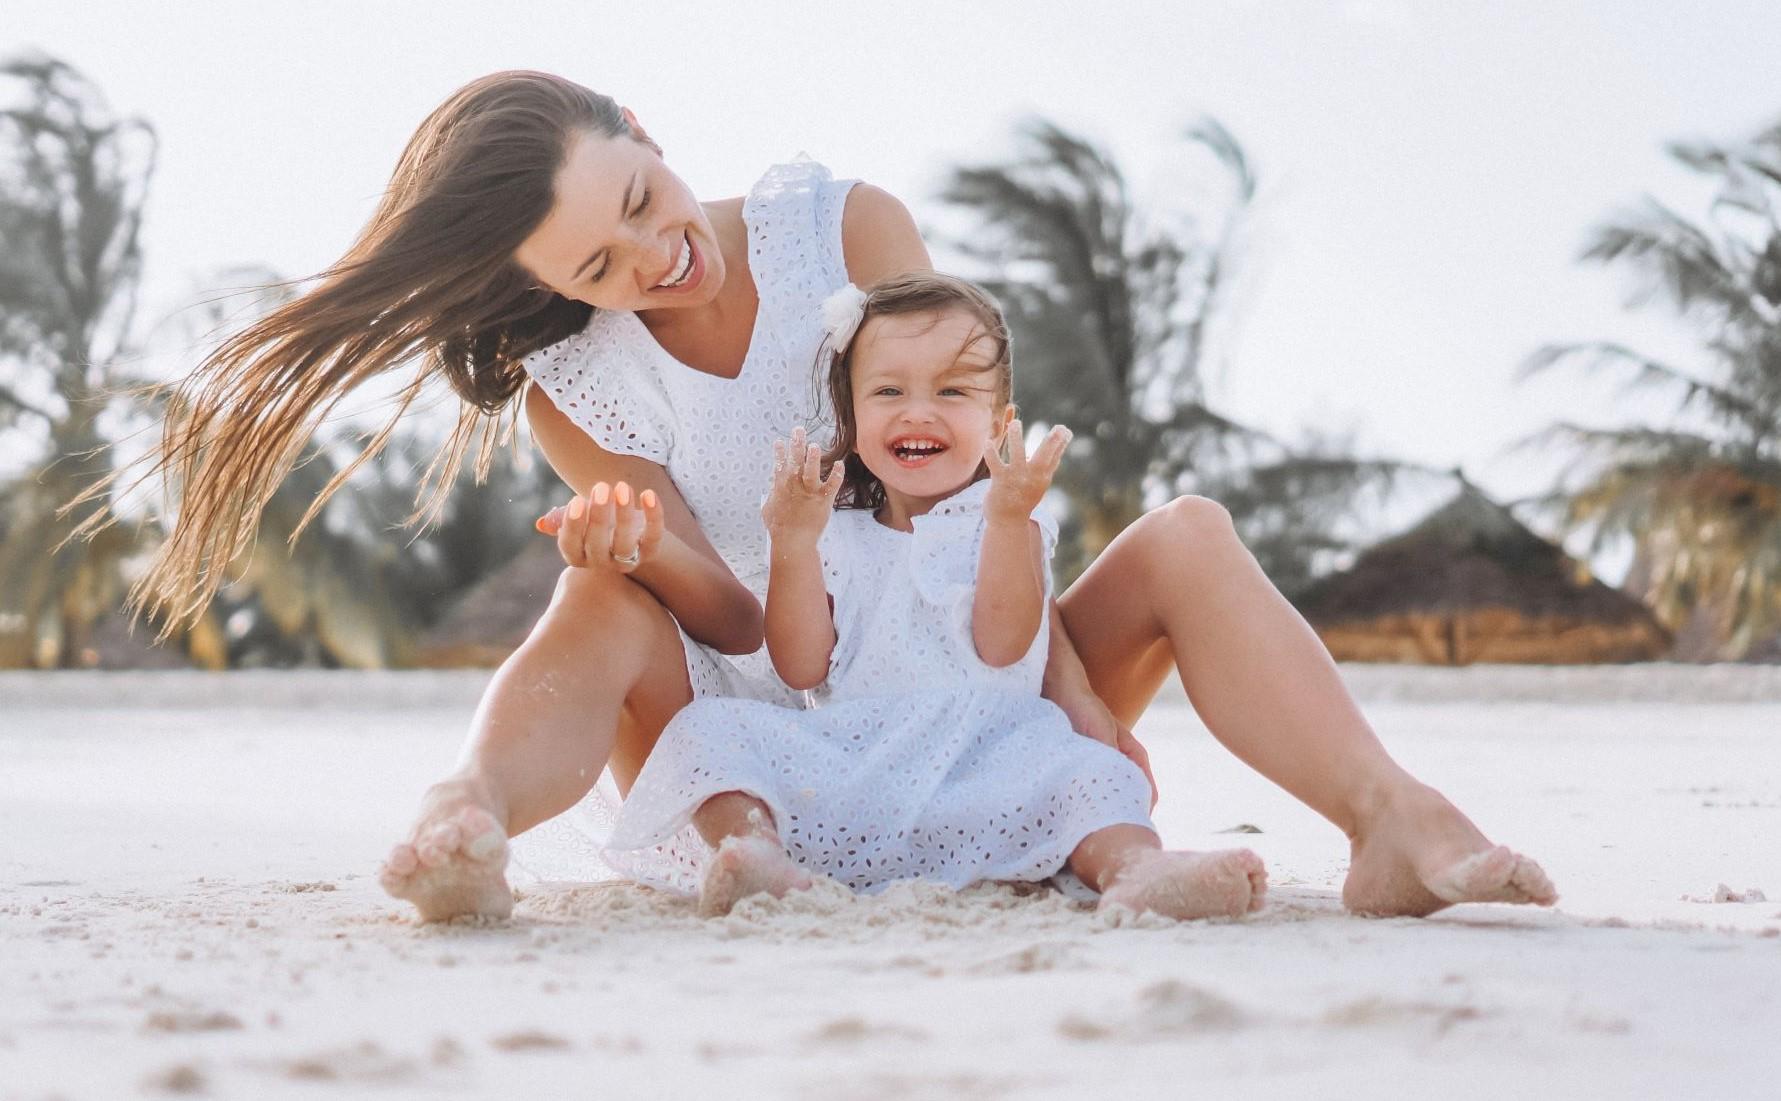 Bebés e crianças ao sol: todo o cuidado é pouco!